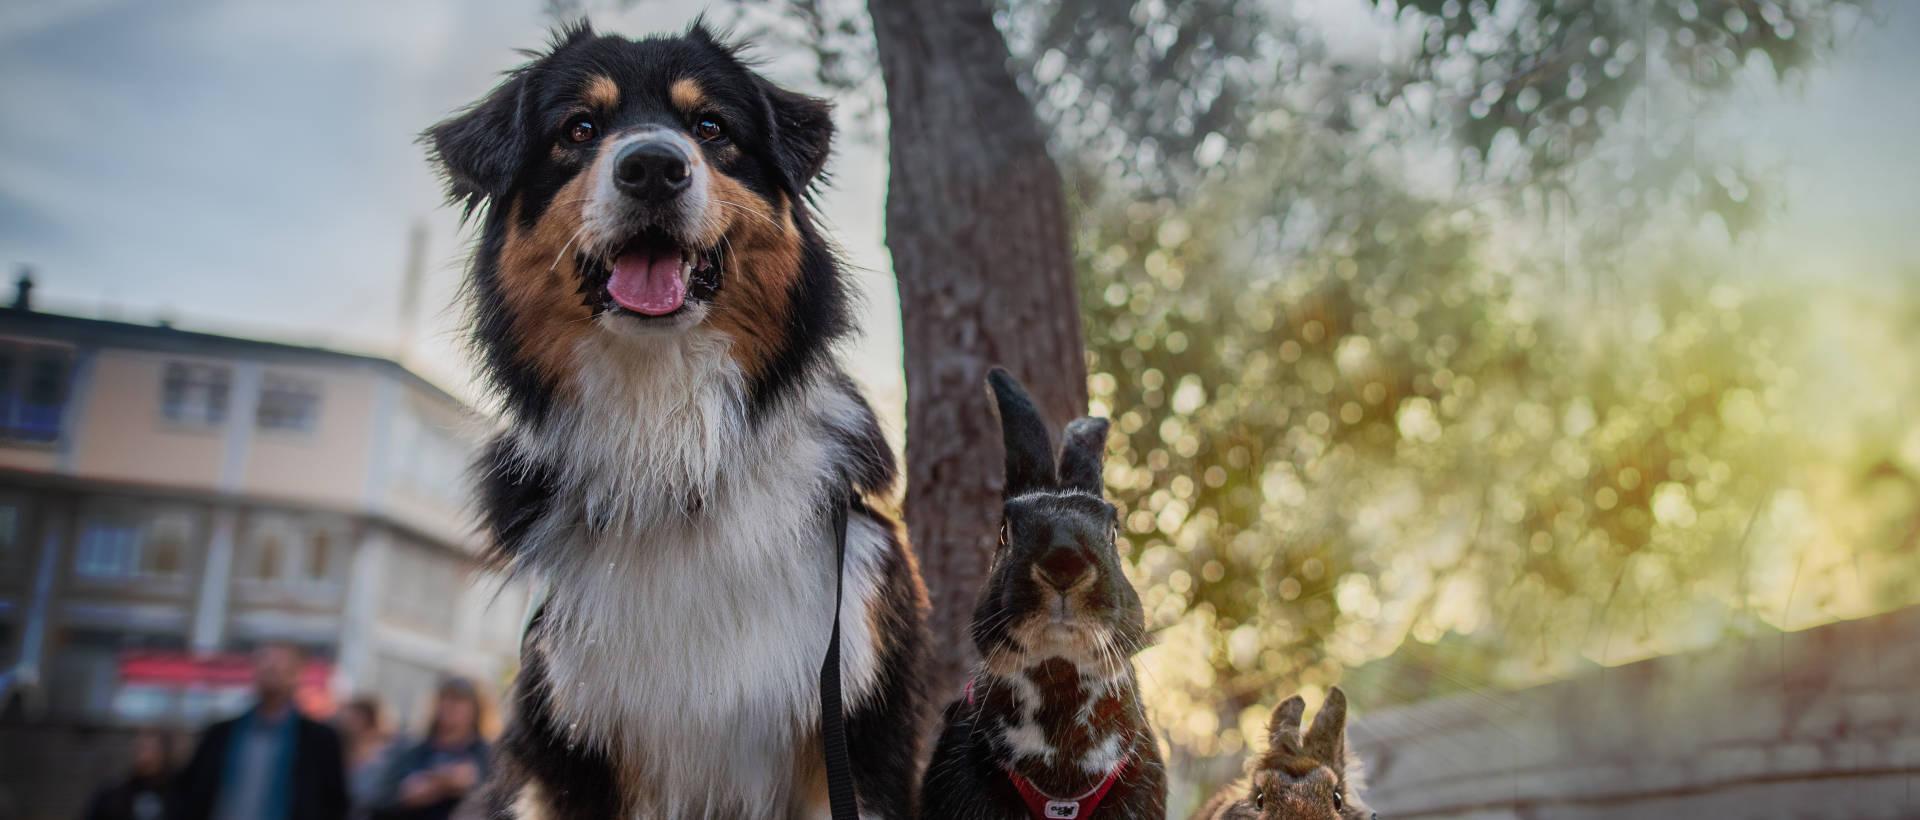 L'Animal en marche 2017 - Evénement Animal University - Vivre et travailler dans le respect de l'animal